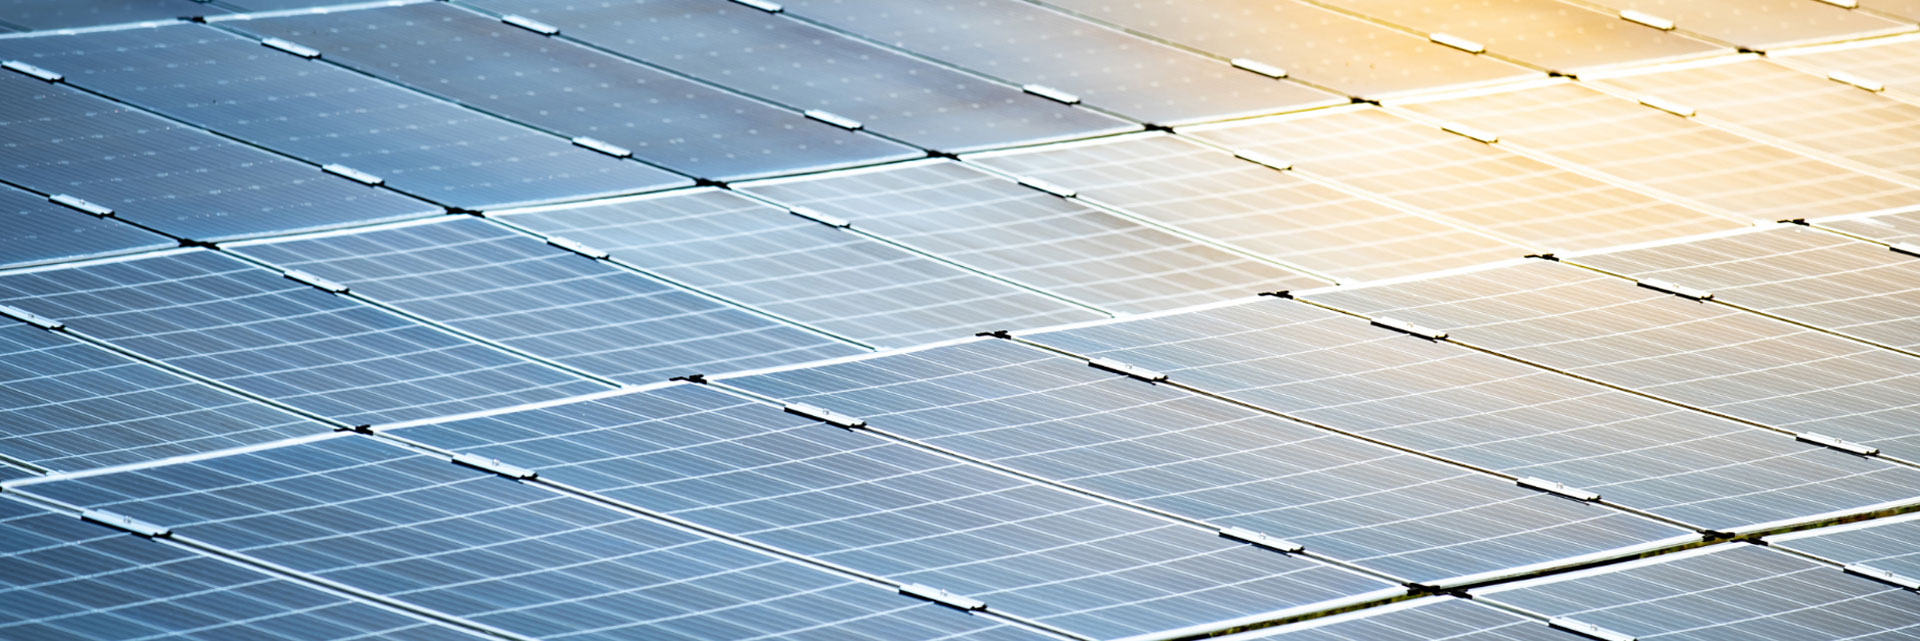 Photovoltaik für eine nachhaltige Zukunft mit erneuerbaren Energien